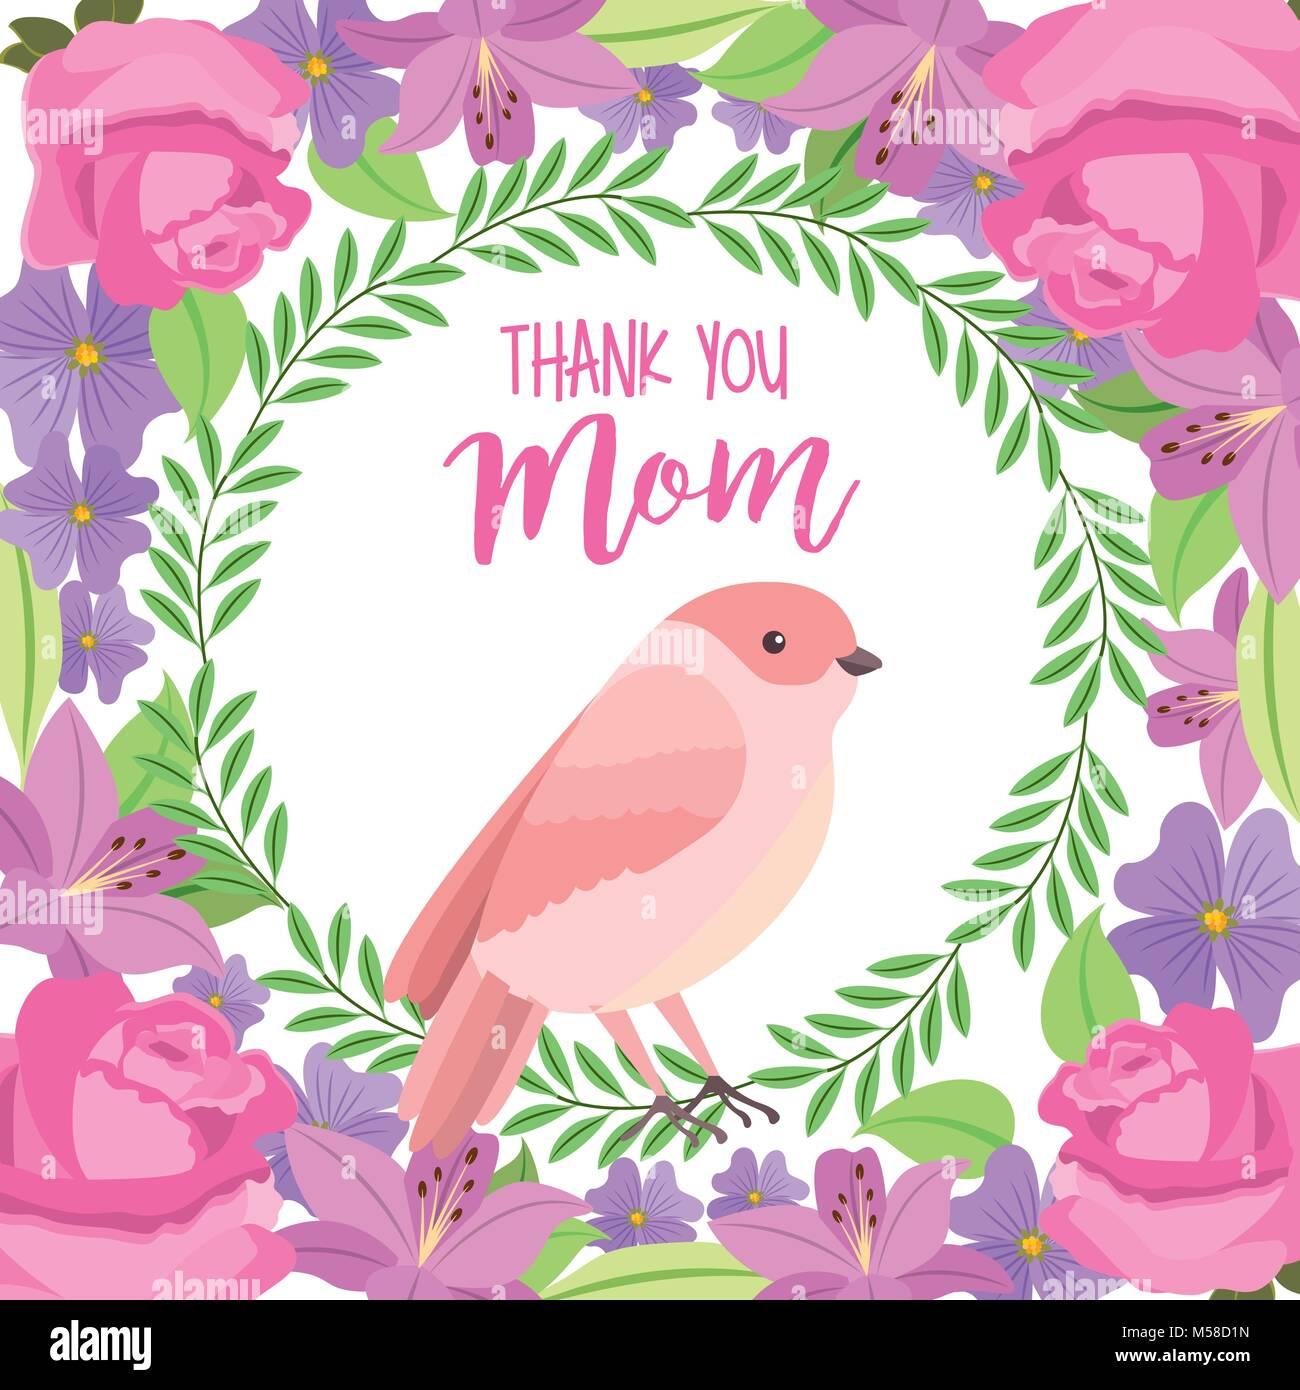 Merci maman oiseau mignon carte panoplie décoration fleurs feuilles Illustration de Vecteur